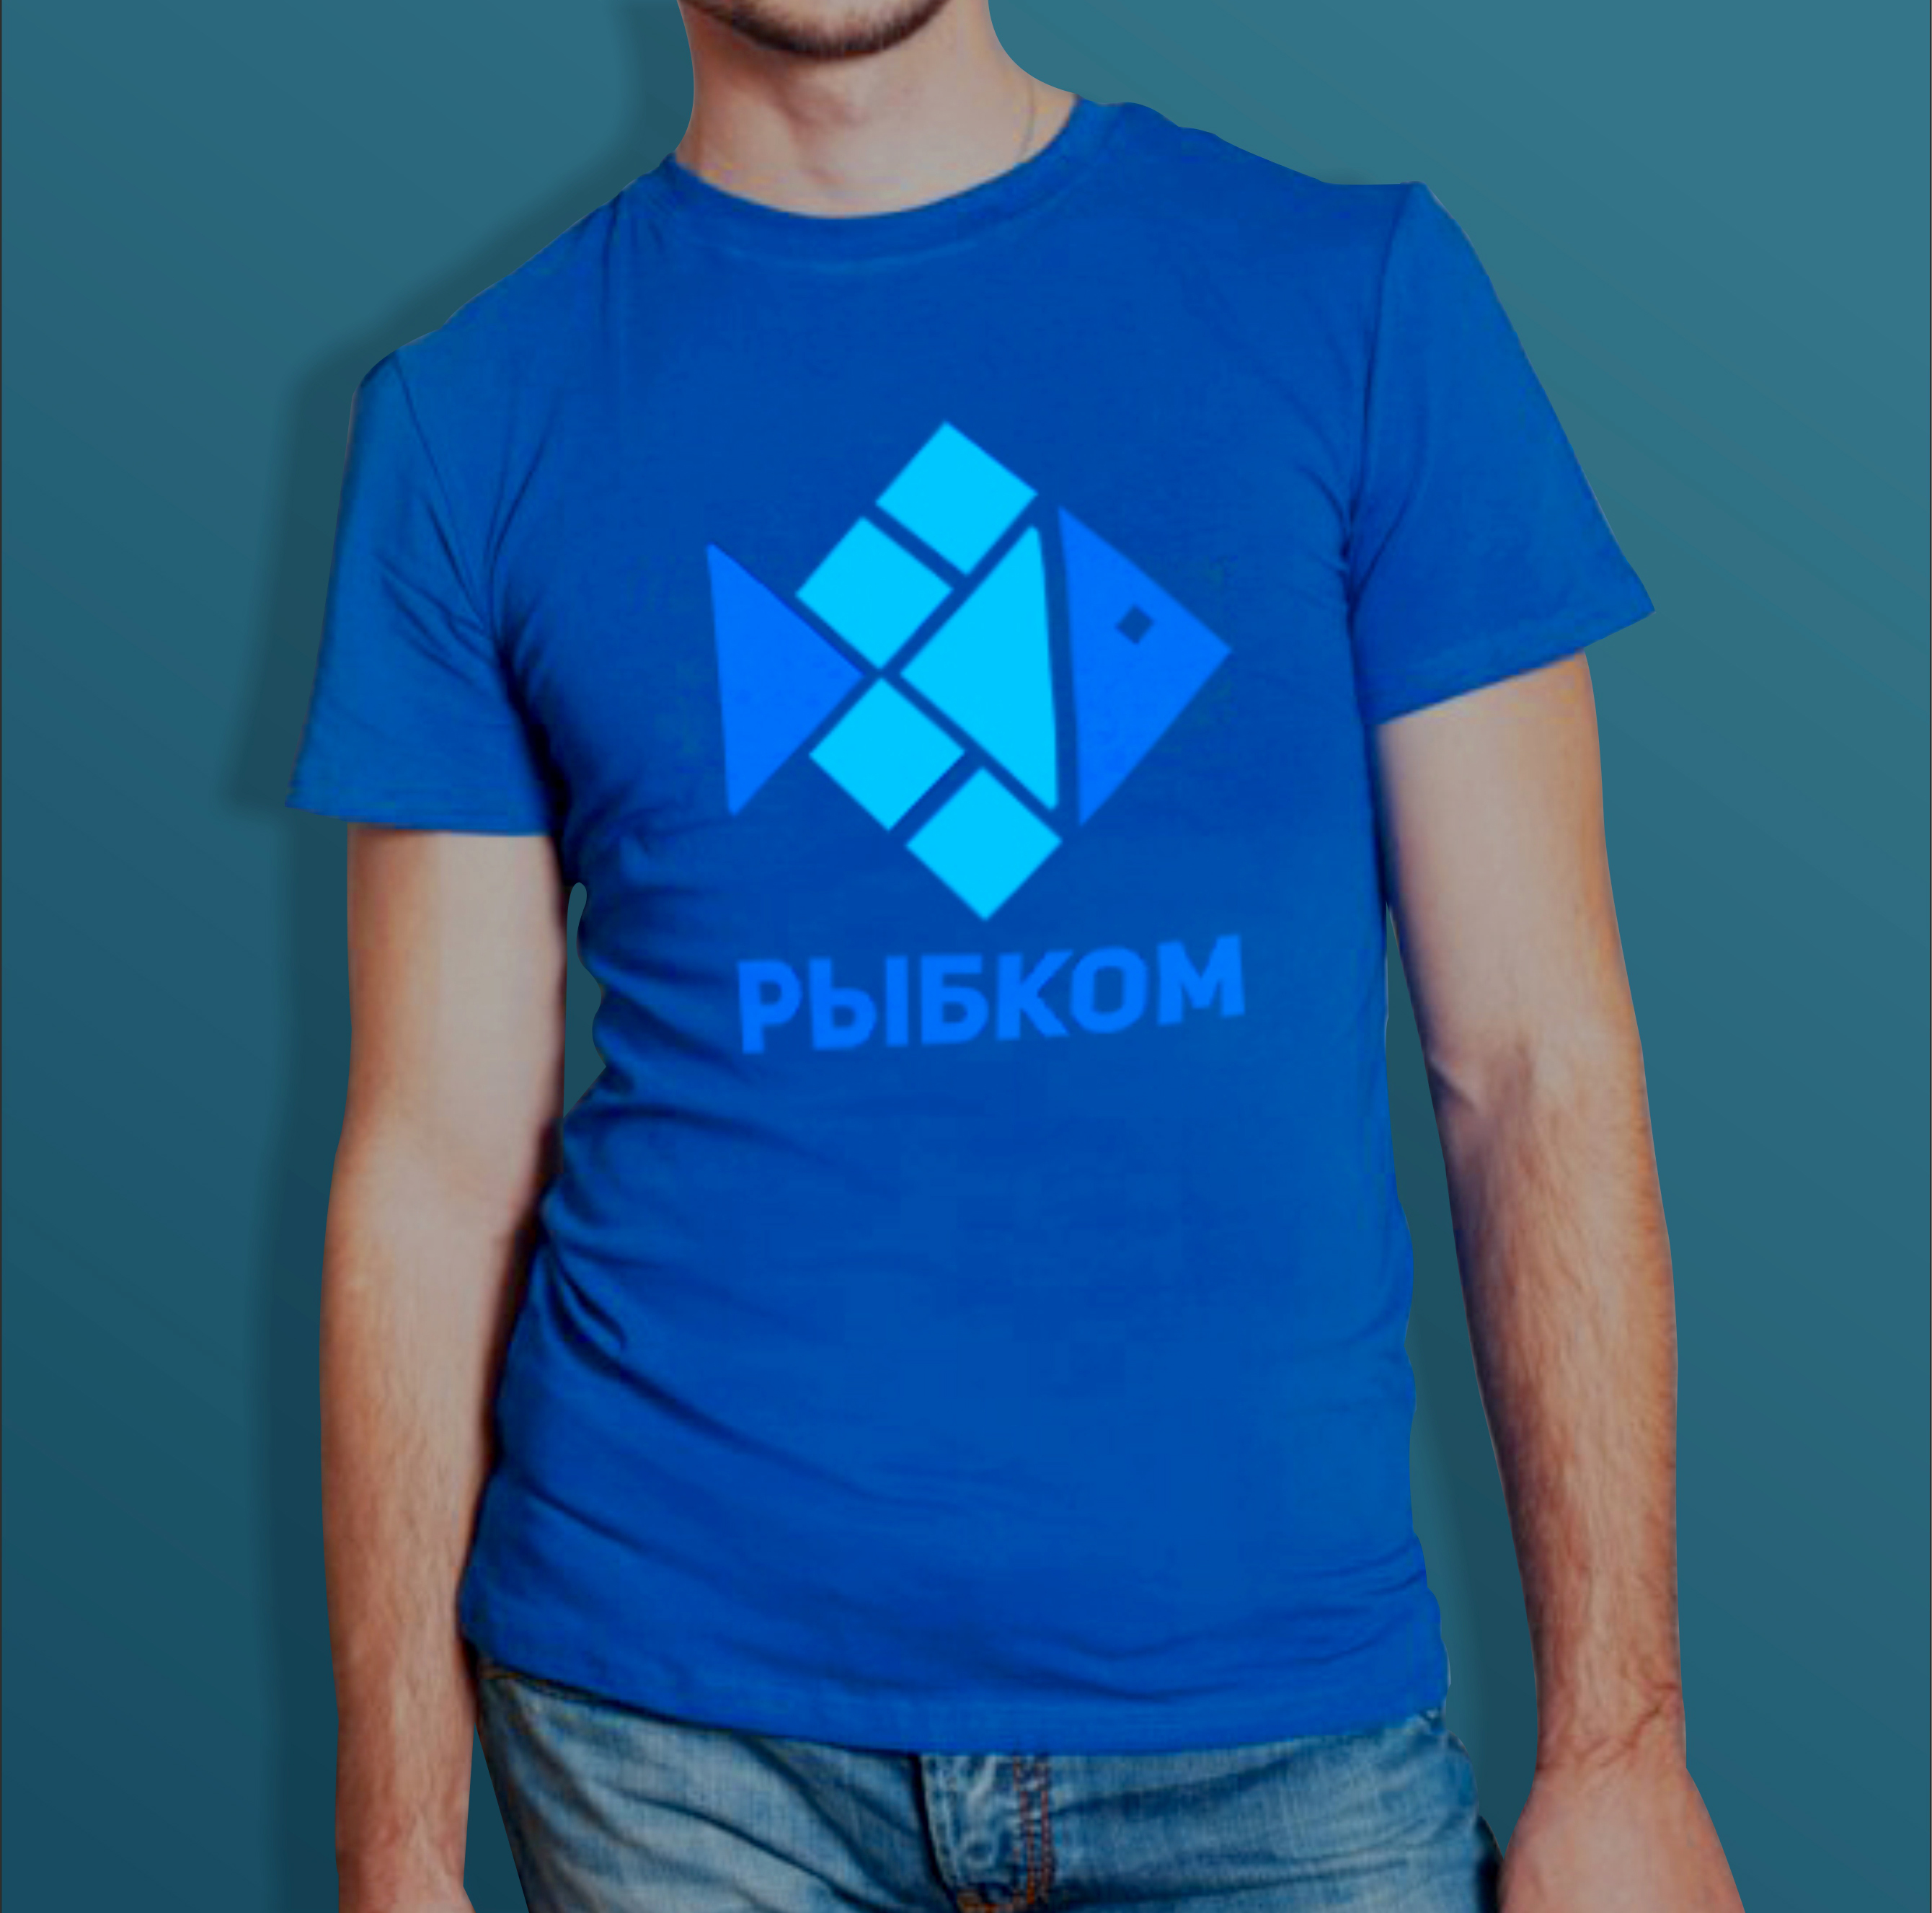 Создание логотипа и брэндбука для компании РЫБКОМ фото f_1645c0a277e9108b.jpg